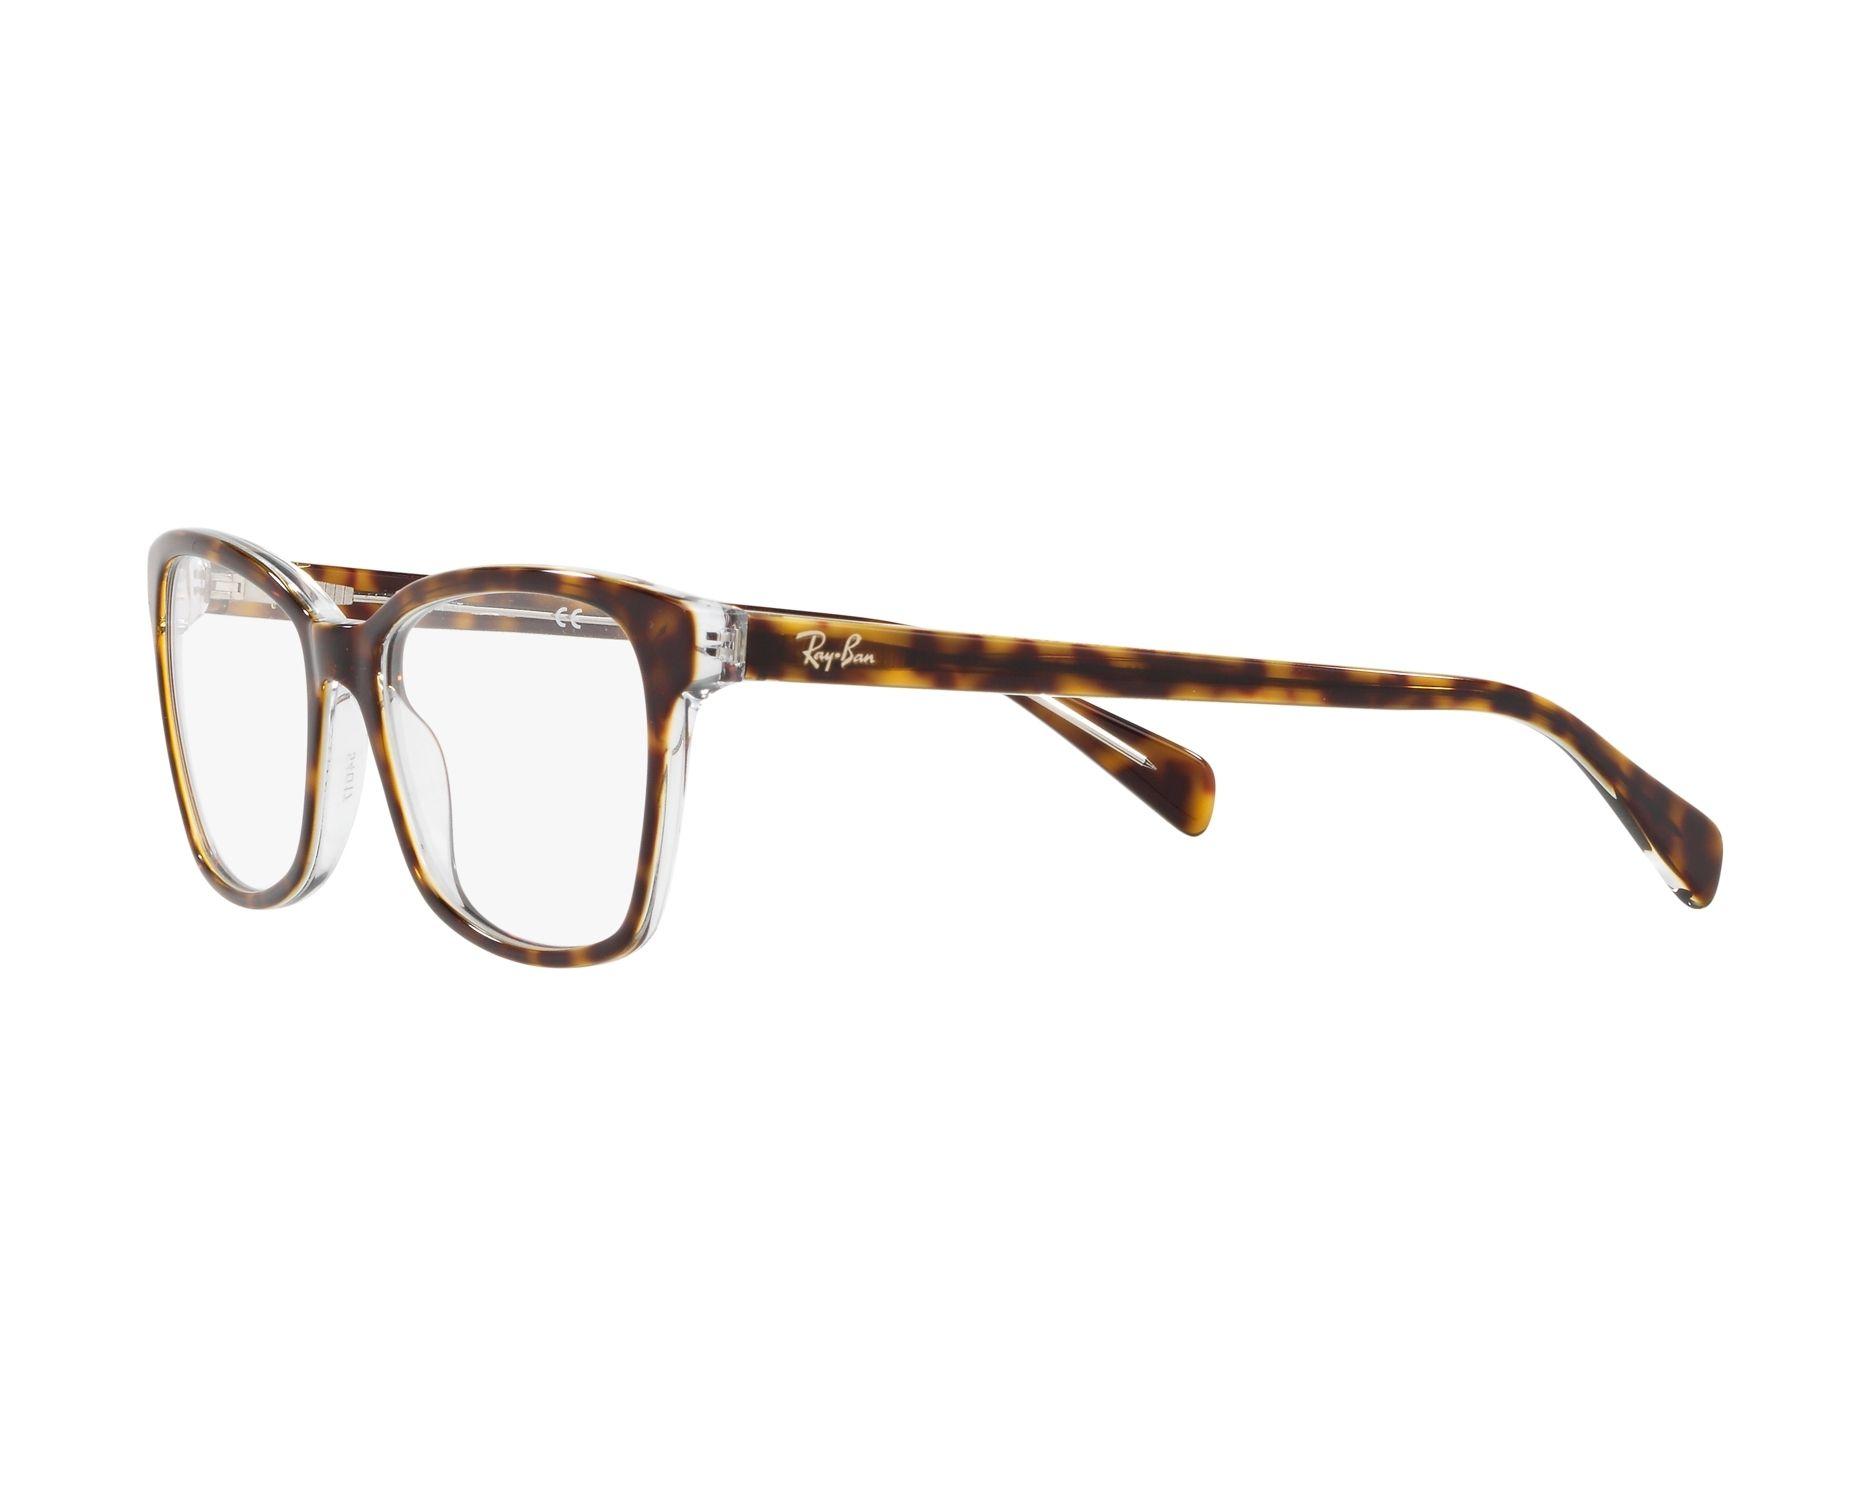 b5f817a0c1 eyeglasses Ray-Ban RX-5362 5082 52-17 Havana Crystal 360 degree view